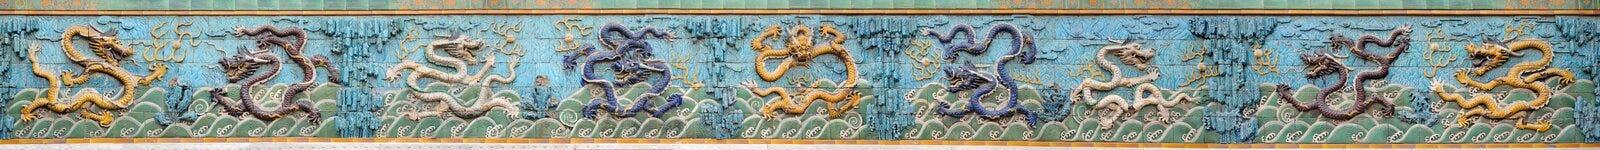 龙九全景墙壁 库存图片